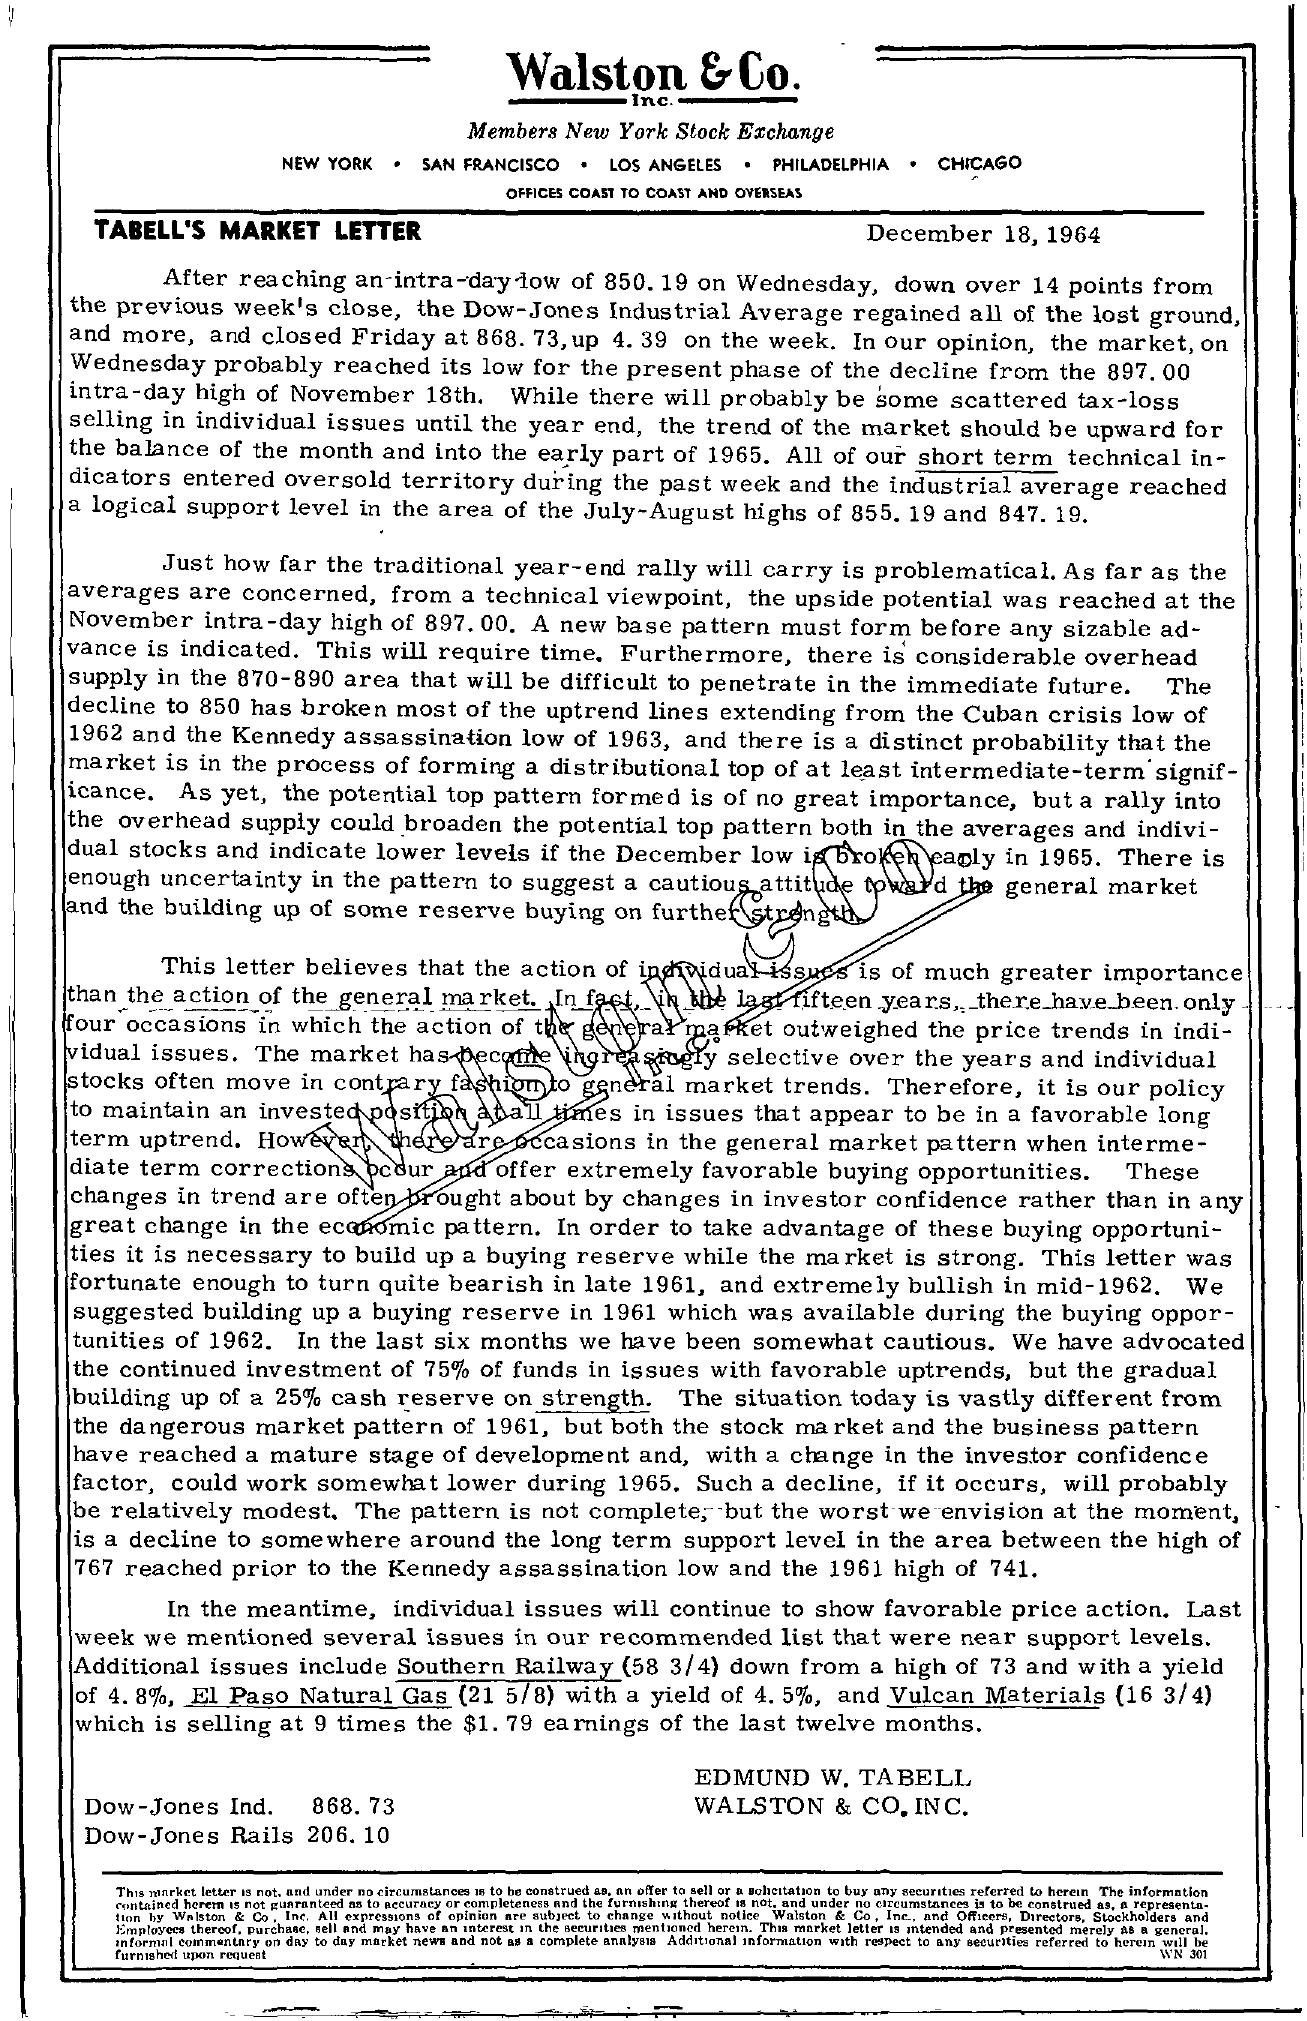 Tabell's Market Letter - December 18, 1964